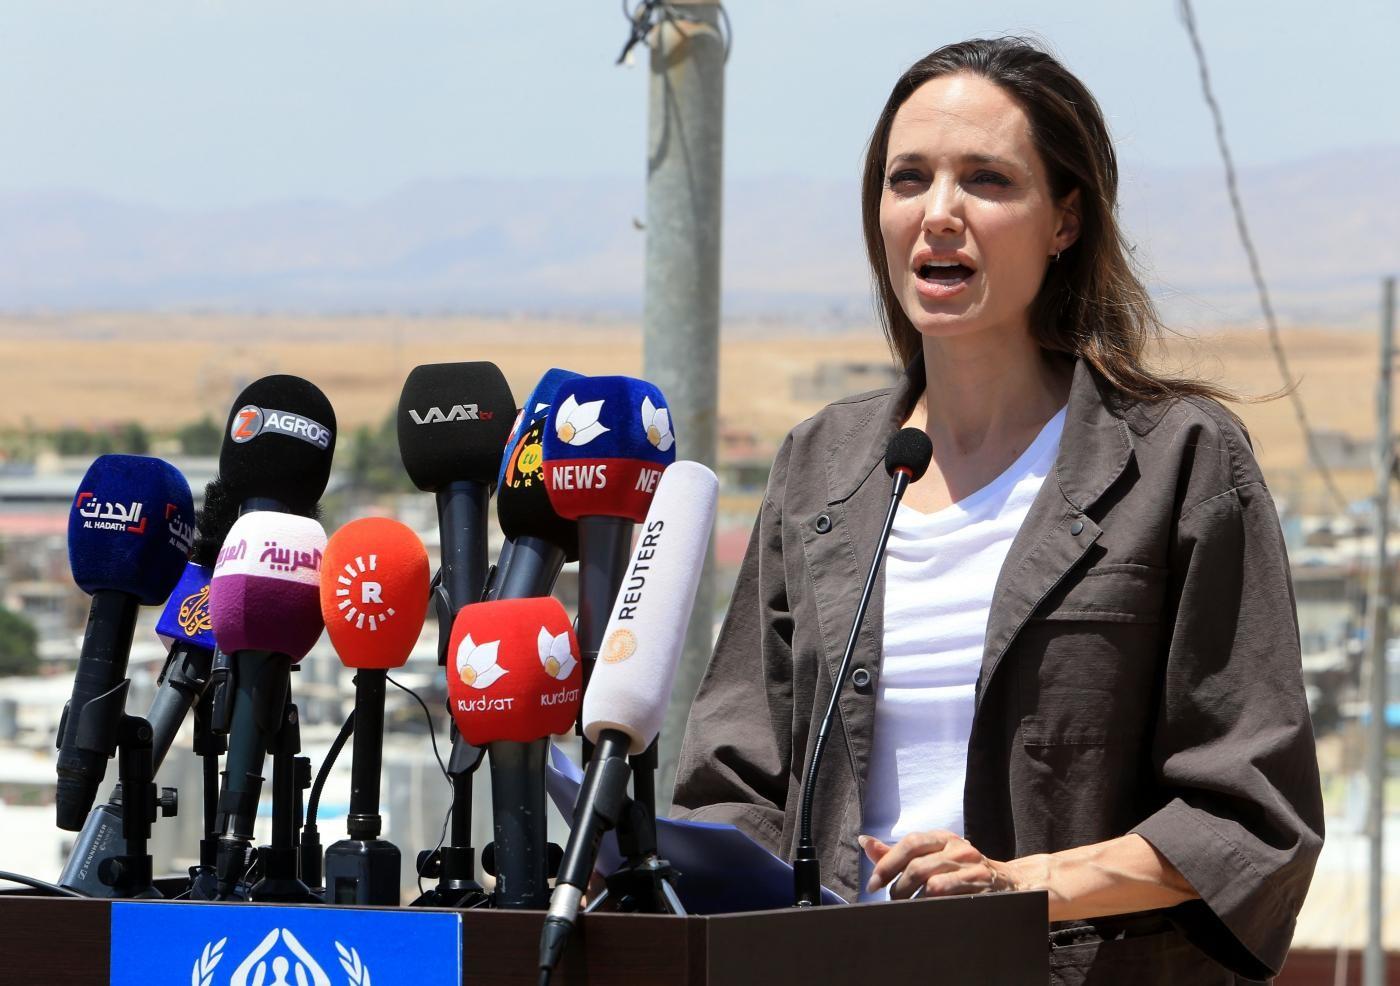 """Dal cinema alla politica, Angelina Jolie: """"Potrei entrarci presto"""". E non esclude la corsa per la Casa Bianca"""